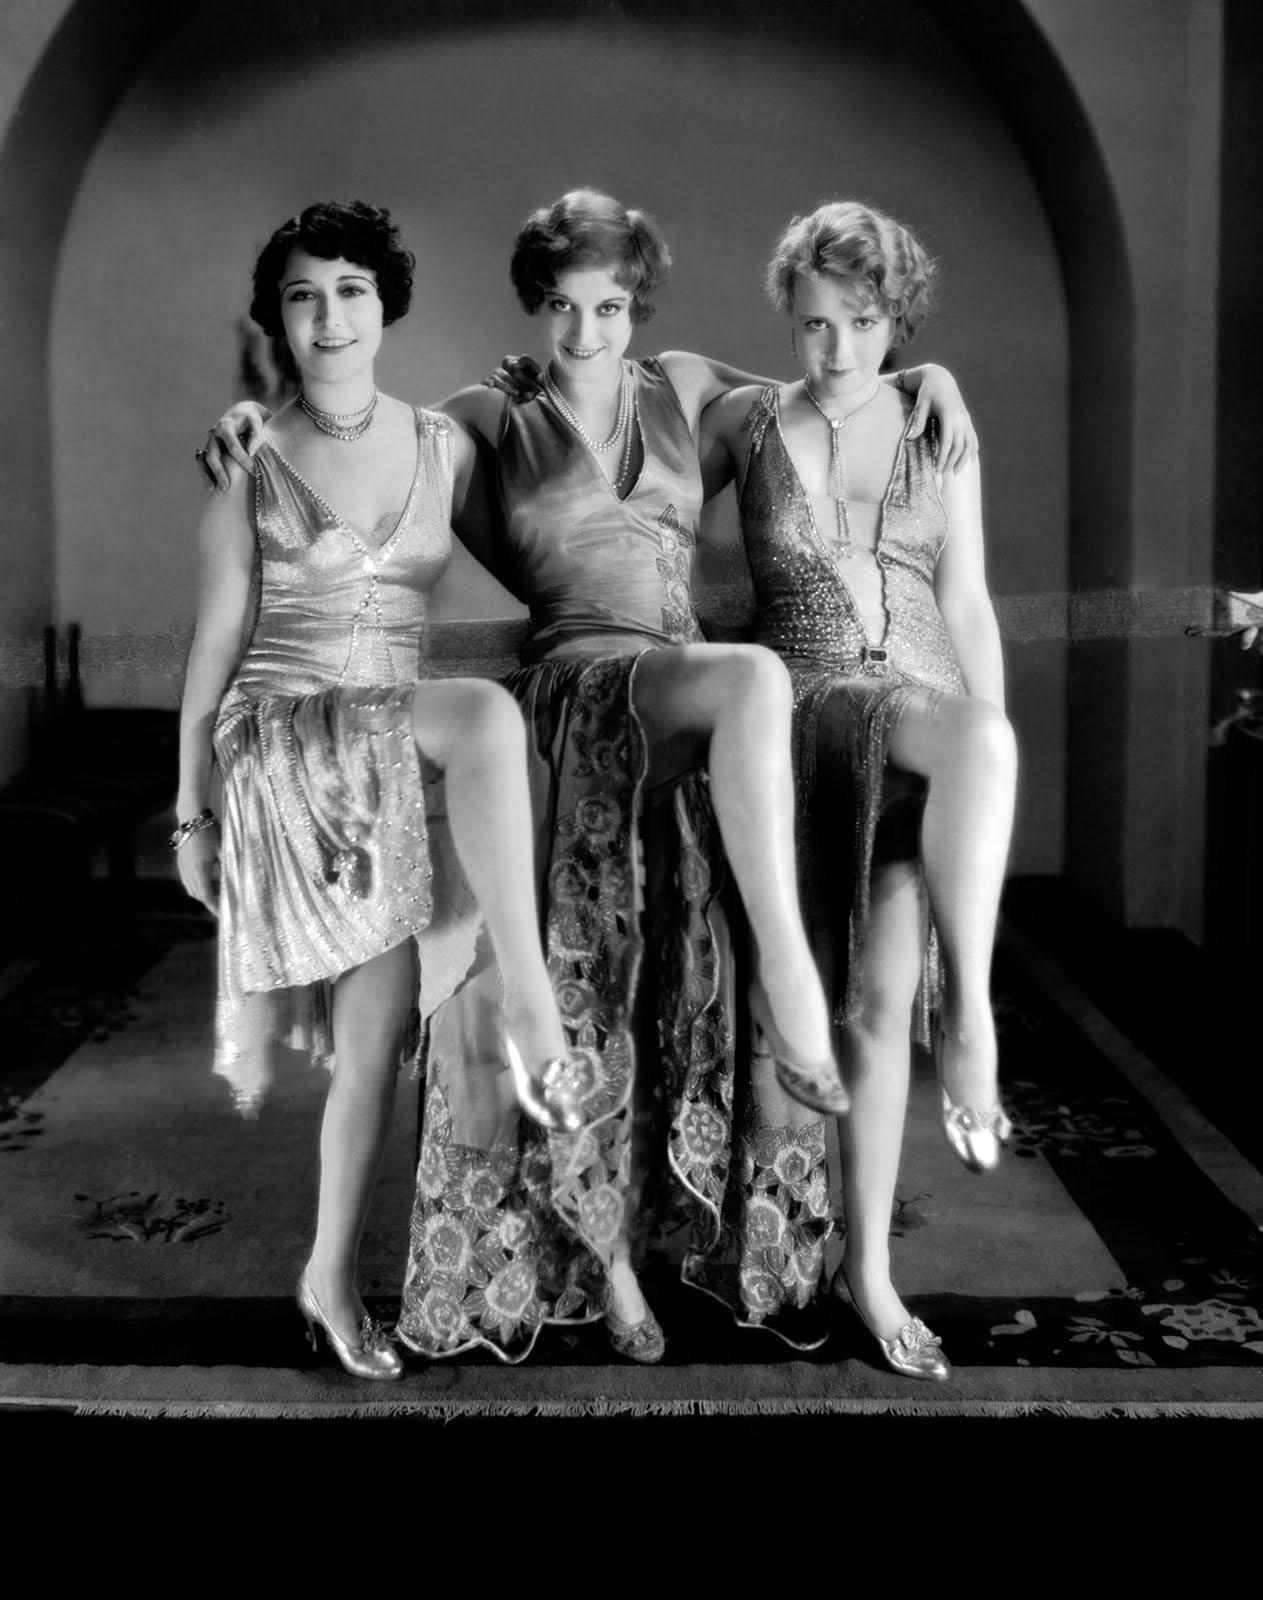 在時尚方面,也是變化萬千! 女生們的長裙時期似乎漸漸走遠,短裙的時代到來!